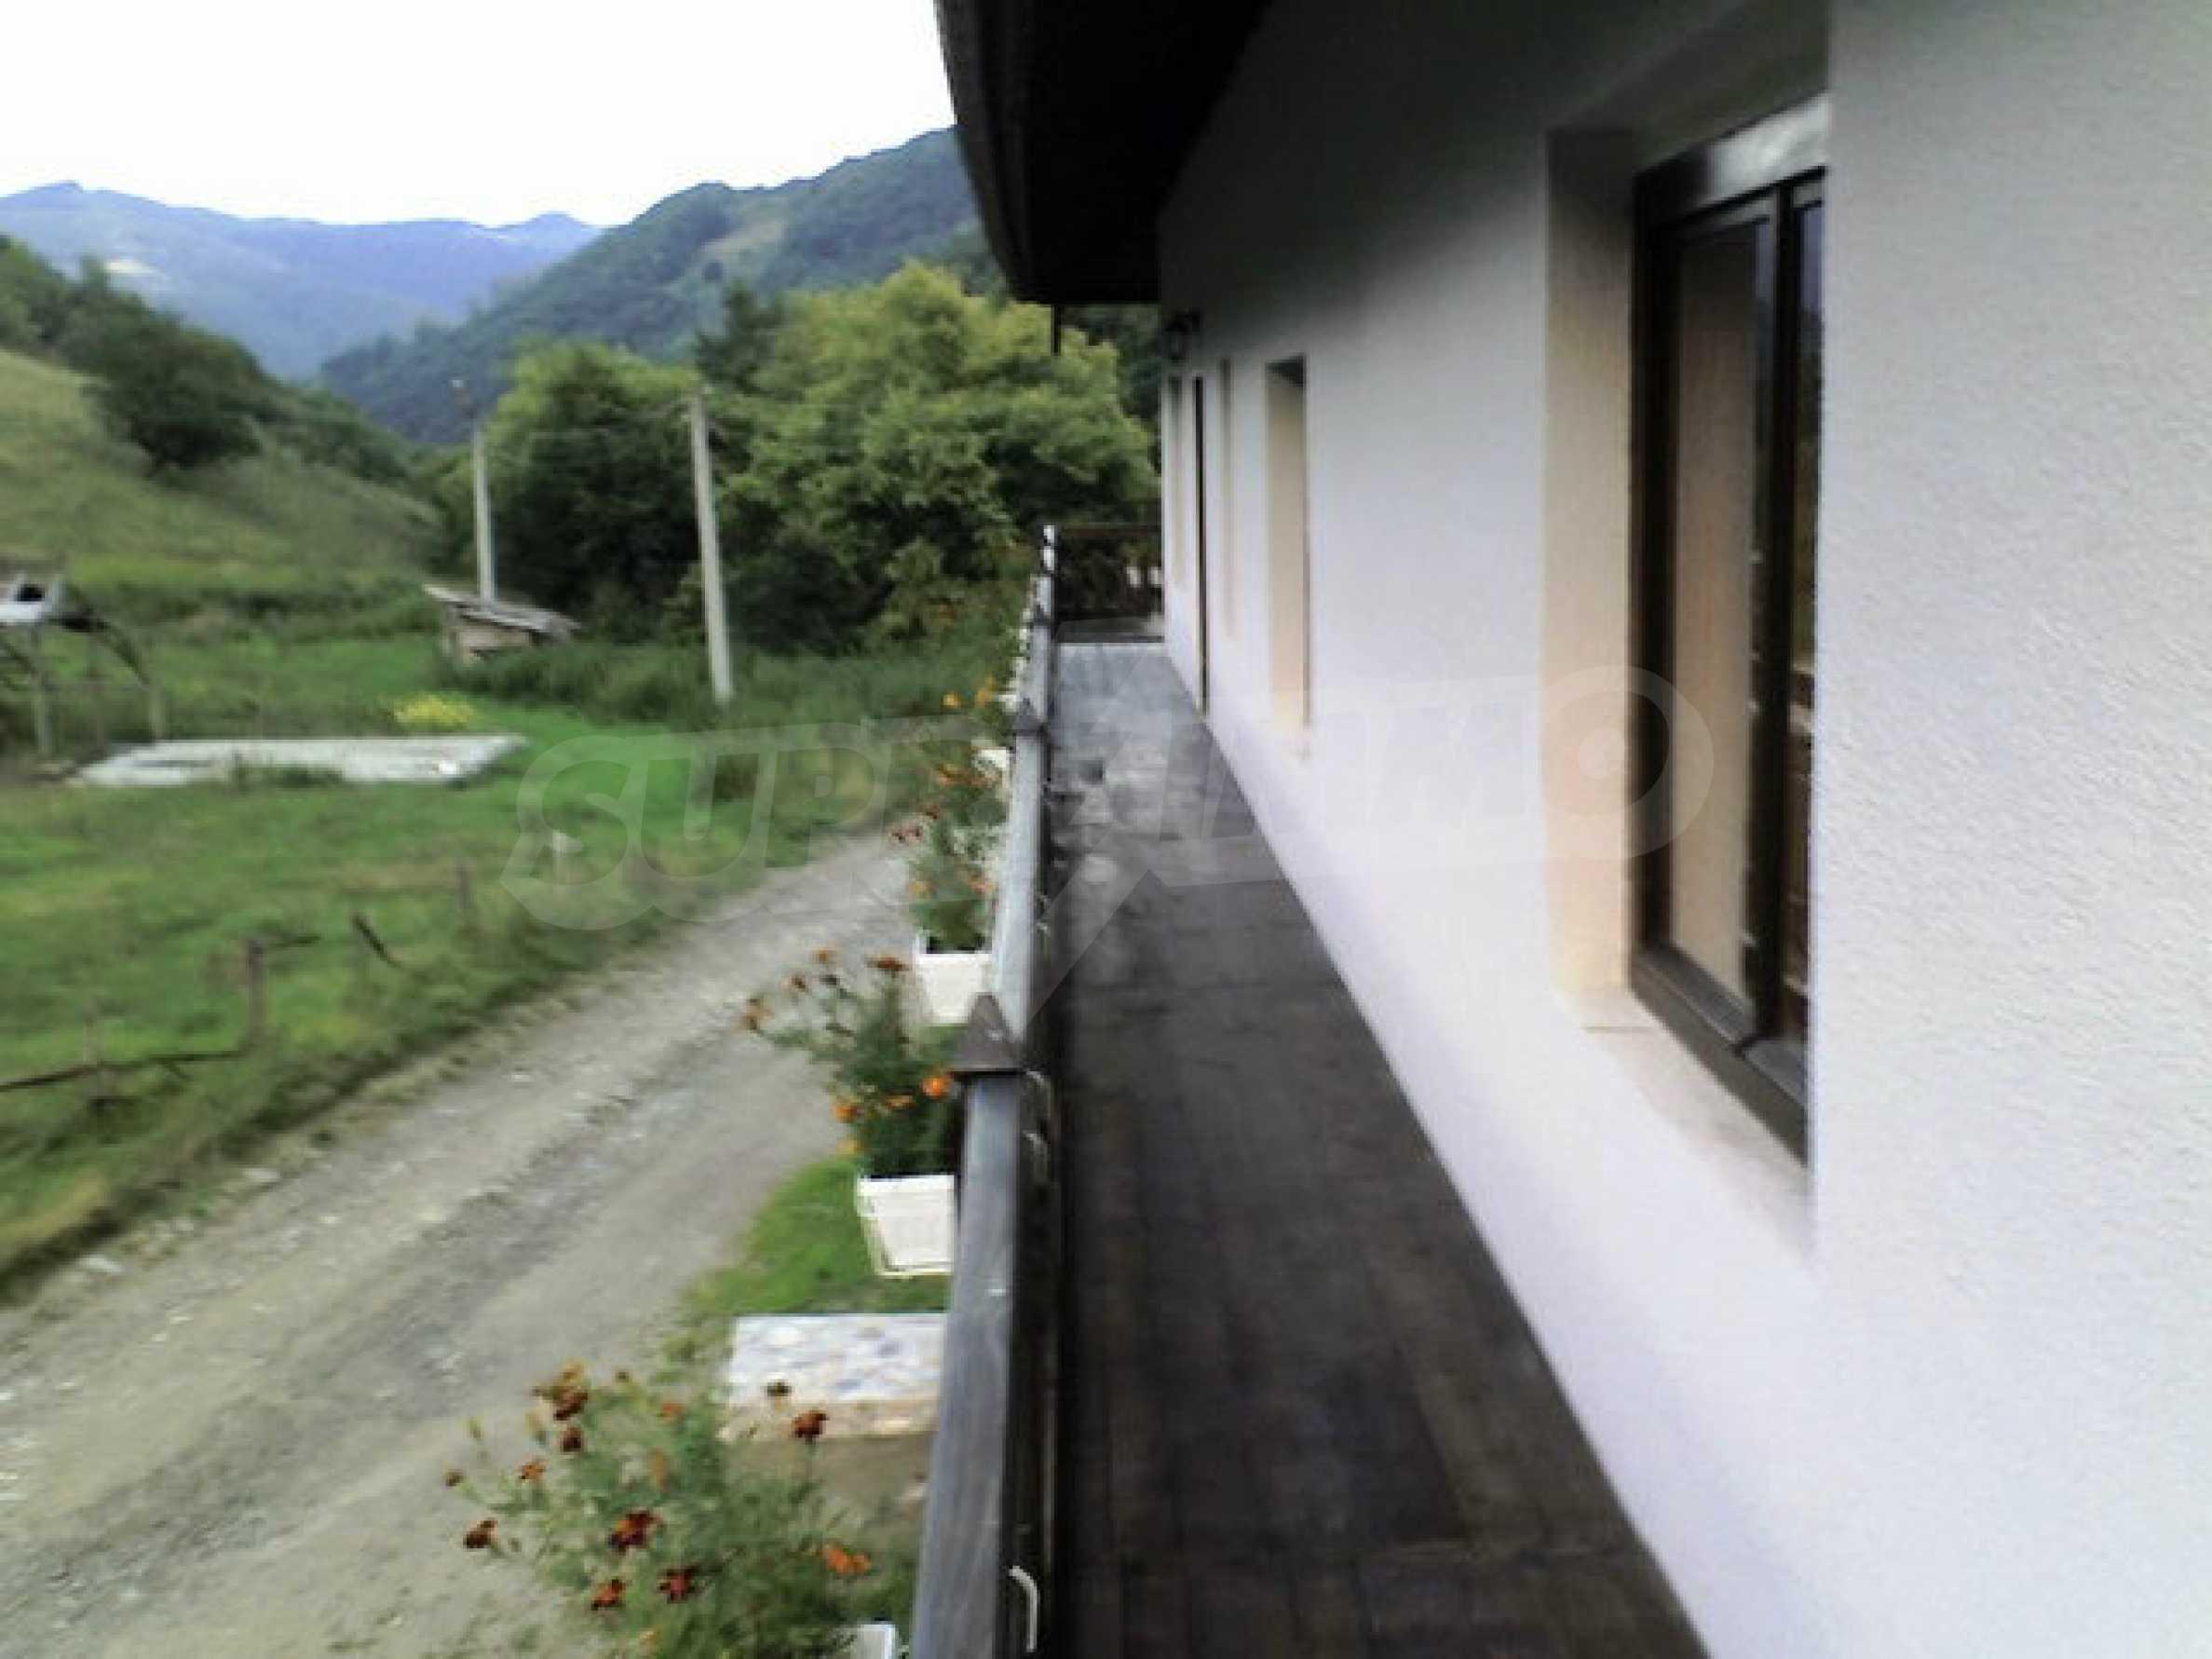 Geräumiges, voll möbliertes und ausgestattetes zweistöckiges Haus in Ribaritsa 7